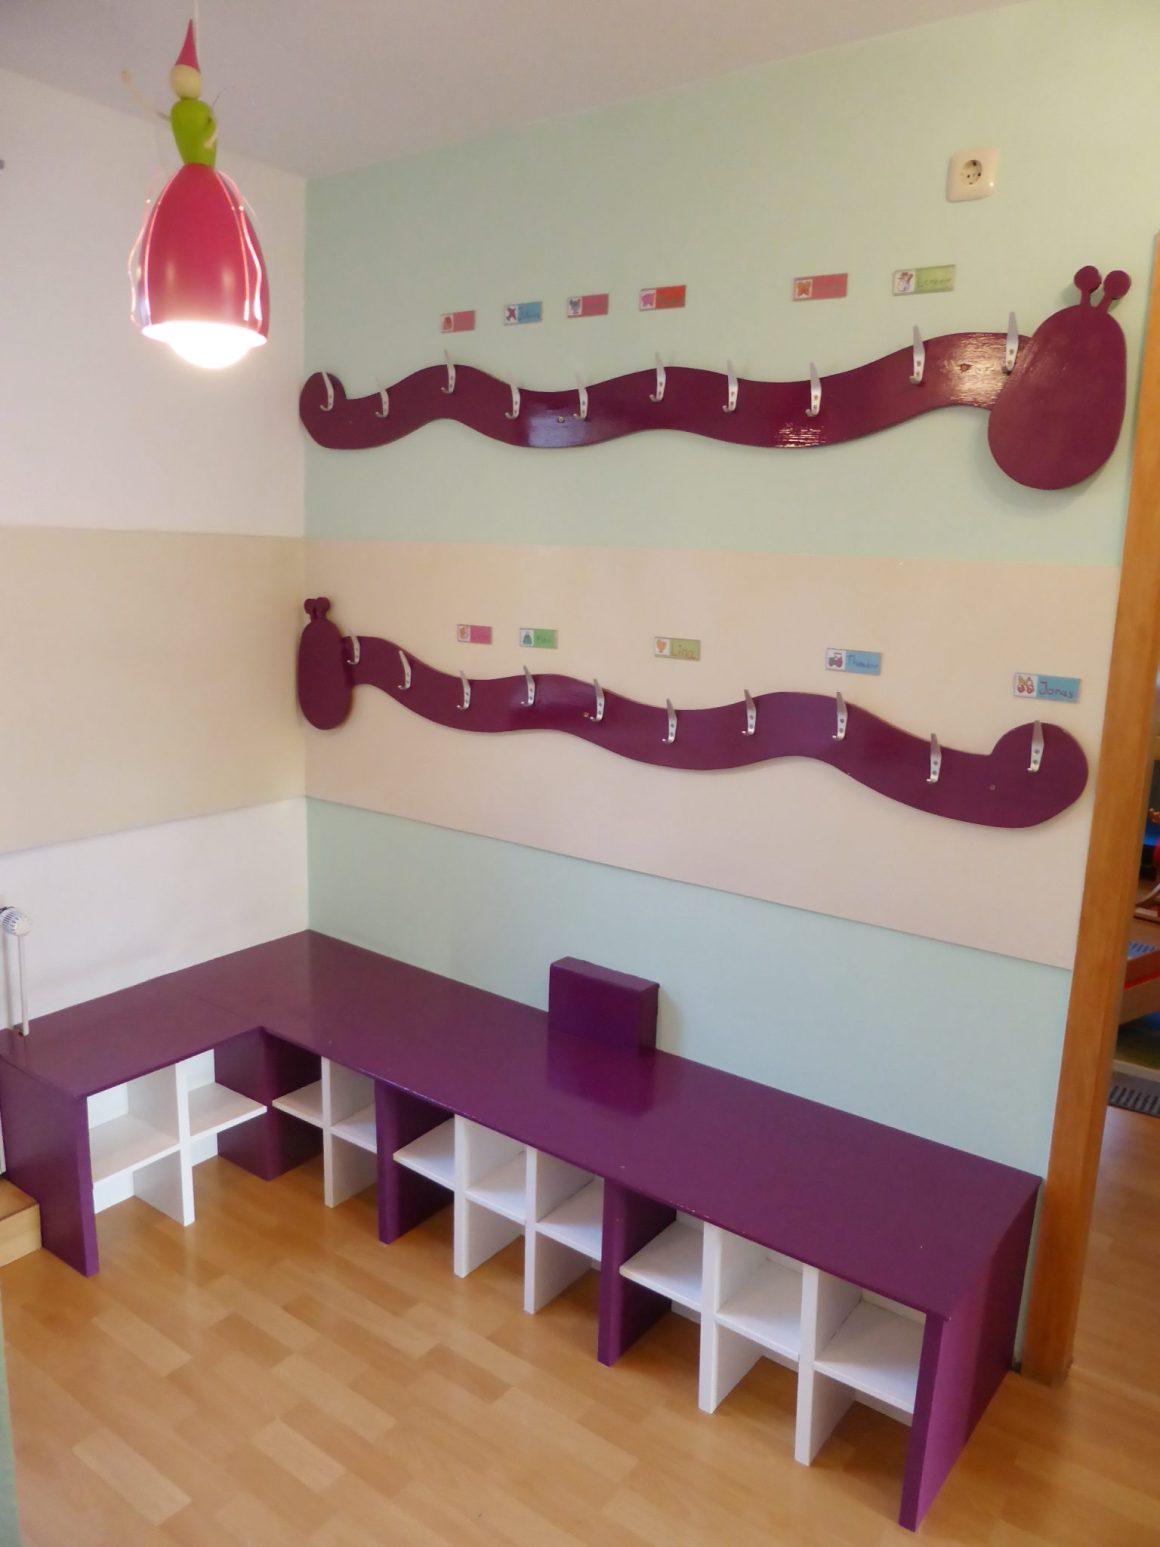 Empfangsbereich 2 Kita Kid Zone Kinderbetreuung - Empfangsbereich